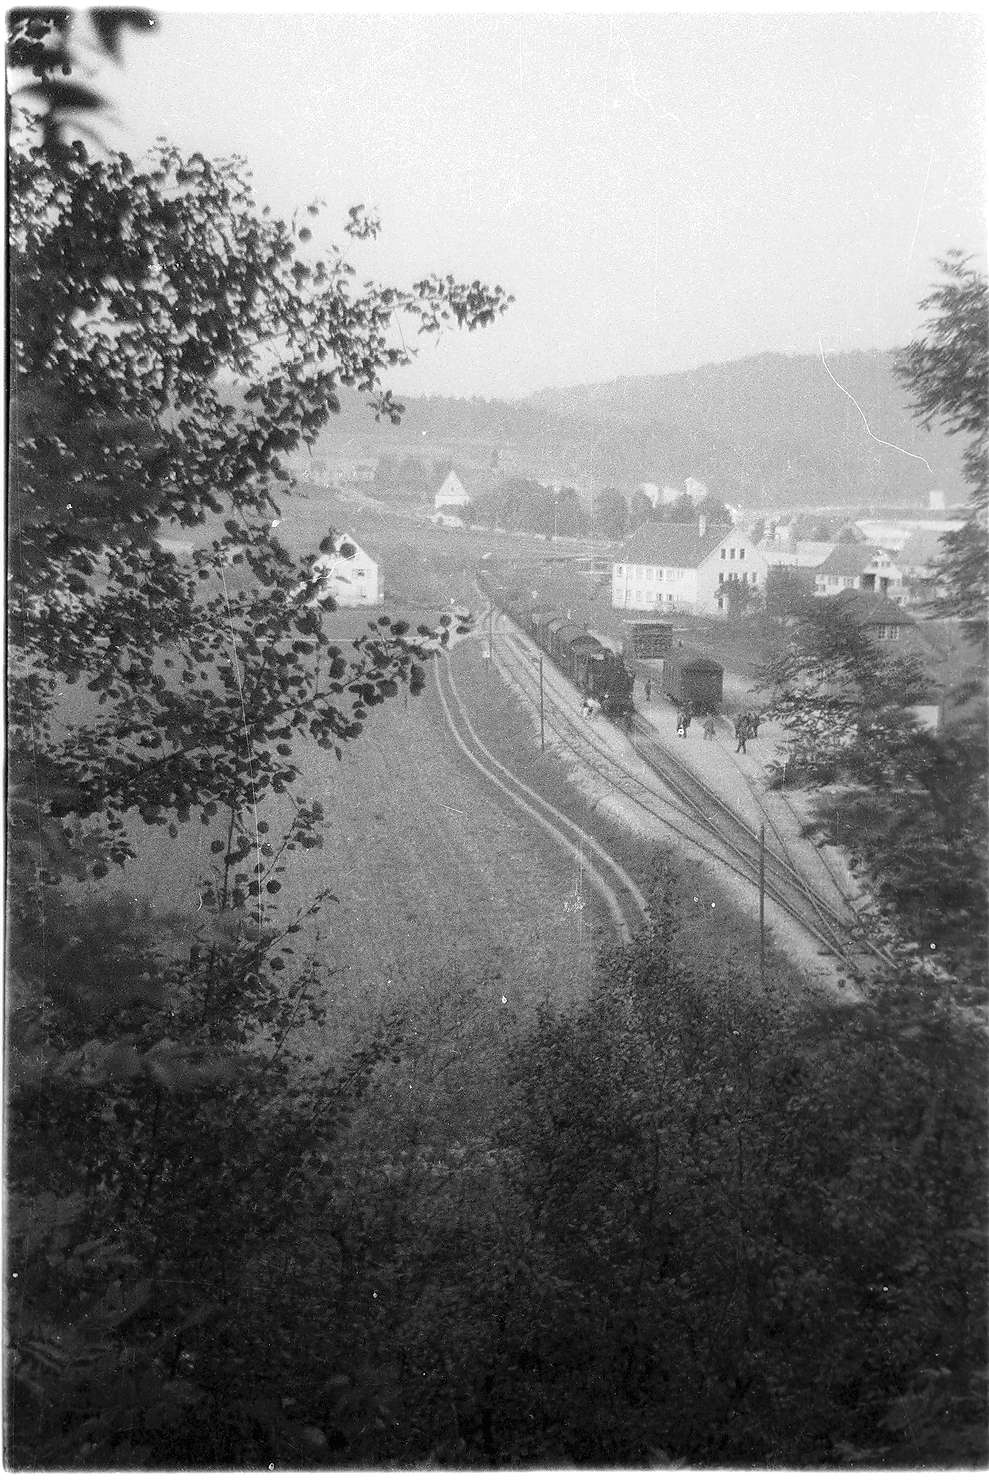 Veringenstadt, Lok 15, Güterzug 313, Personenwagen BB 28, Bauart Langenschwalbach, Bild 1